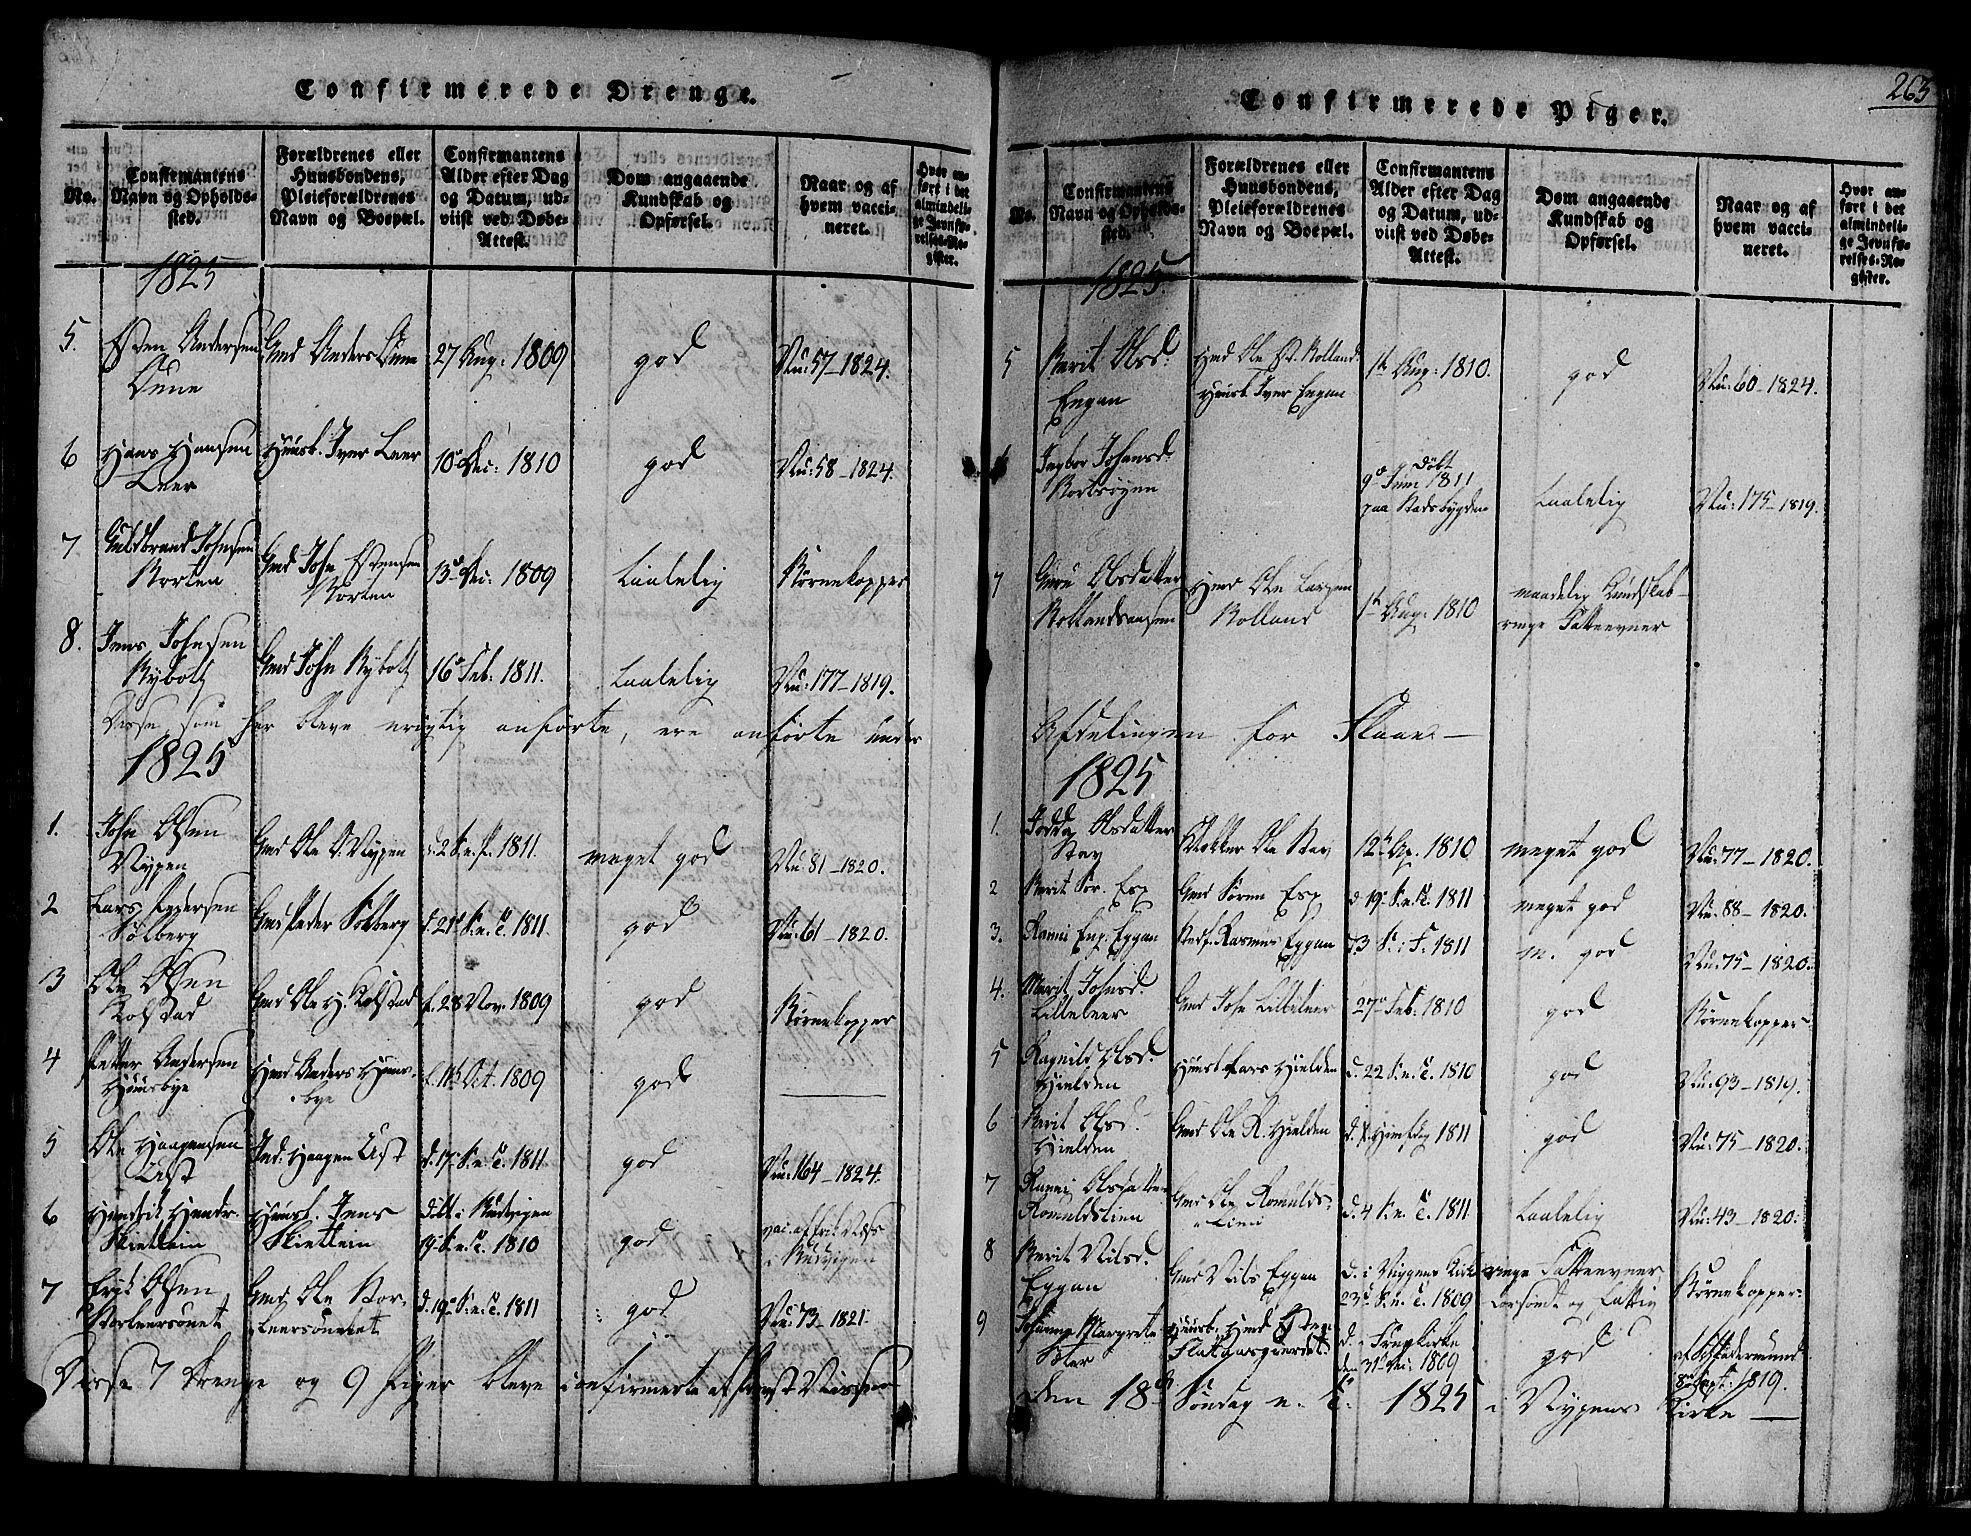 SAT, Ministerialprotokoller, klokkerbøker og fødselsregistre - Sør-Trøndelag, 691/L1067: Ministerialbok nr. 691A03 /3, 1816-1826, s. 263